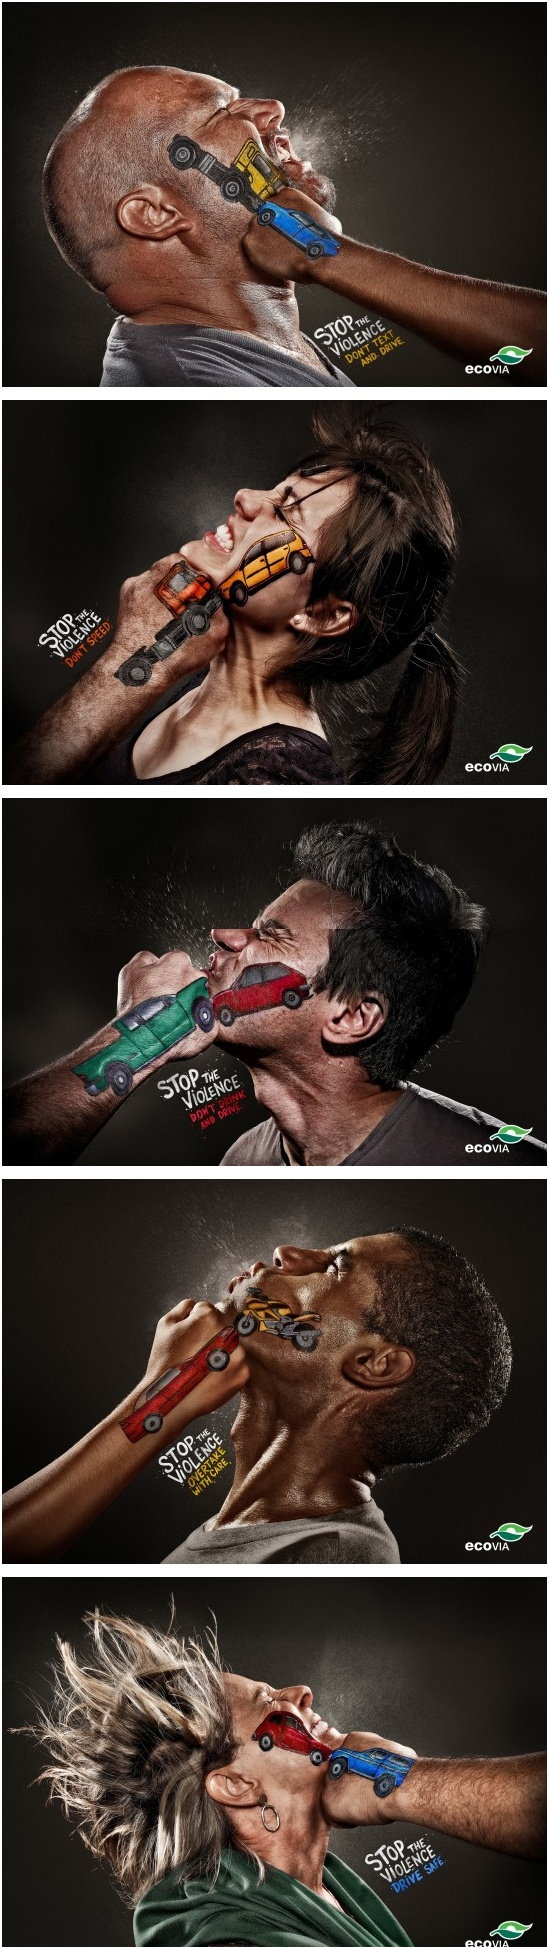 Magnifique campagne de prévention contre l'alcool au volant réalisée par l'agence Terremoto Propaganda (Brésil)